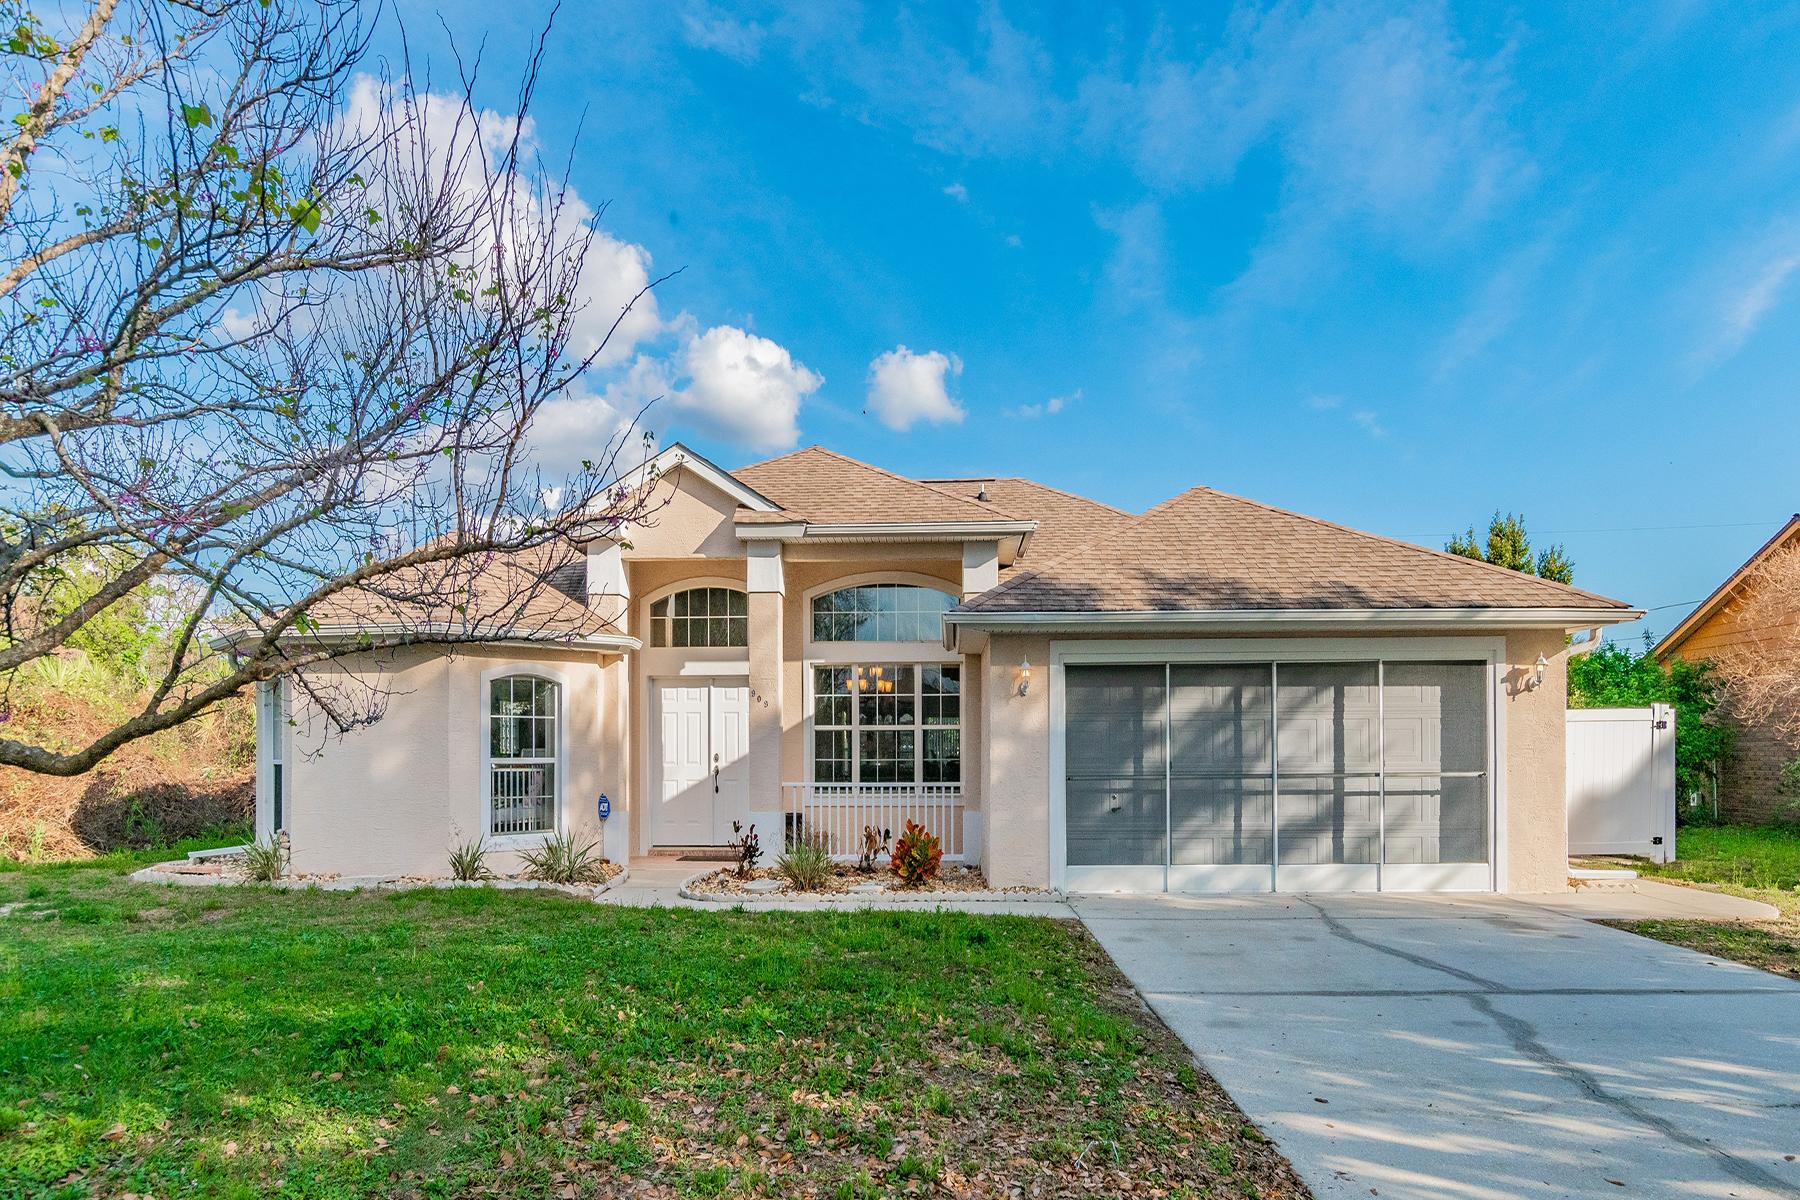 단독 가정 주택 용 매매 에 Deltona 909 Clayton Dr Deltona, 플로리다 32725 미국